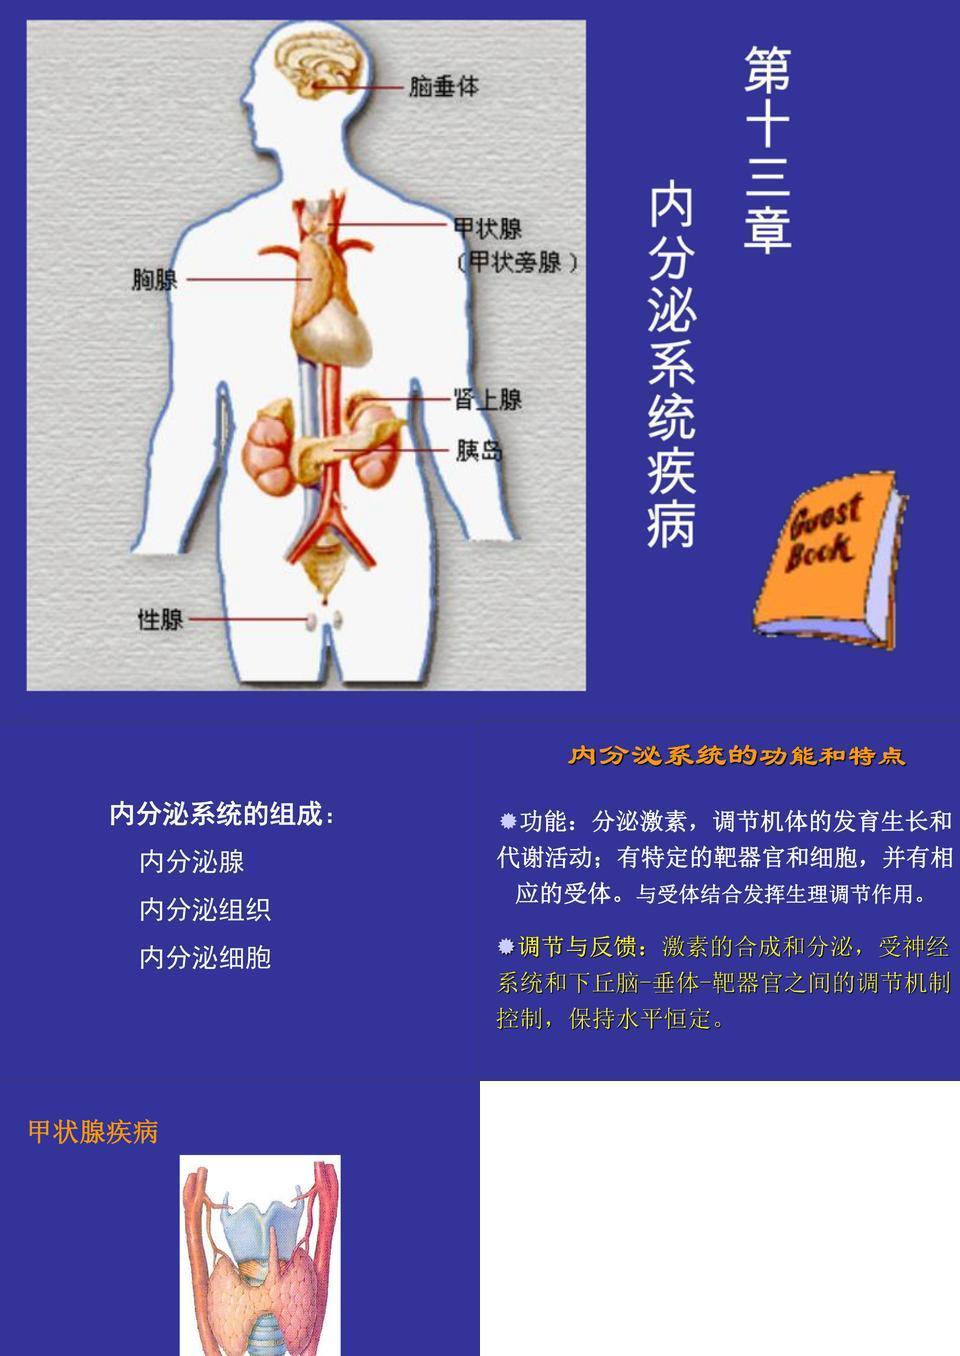 内分泌系统疾病.ppt